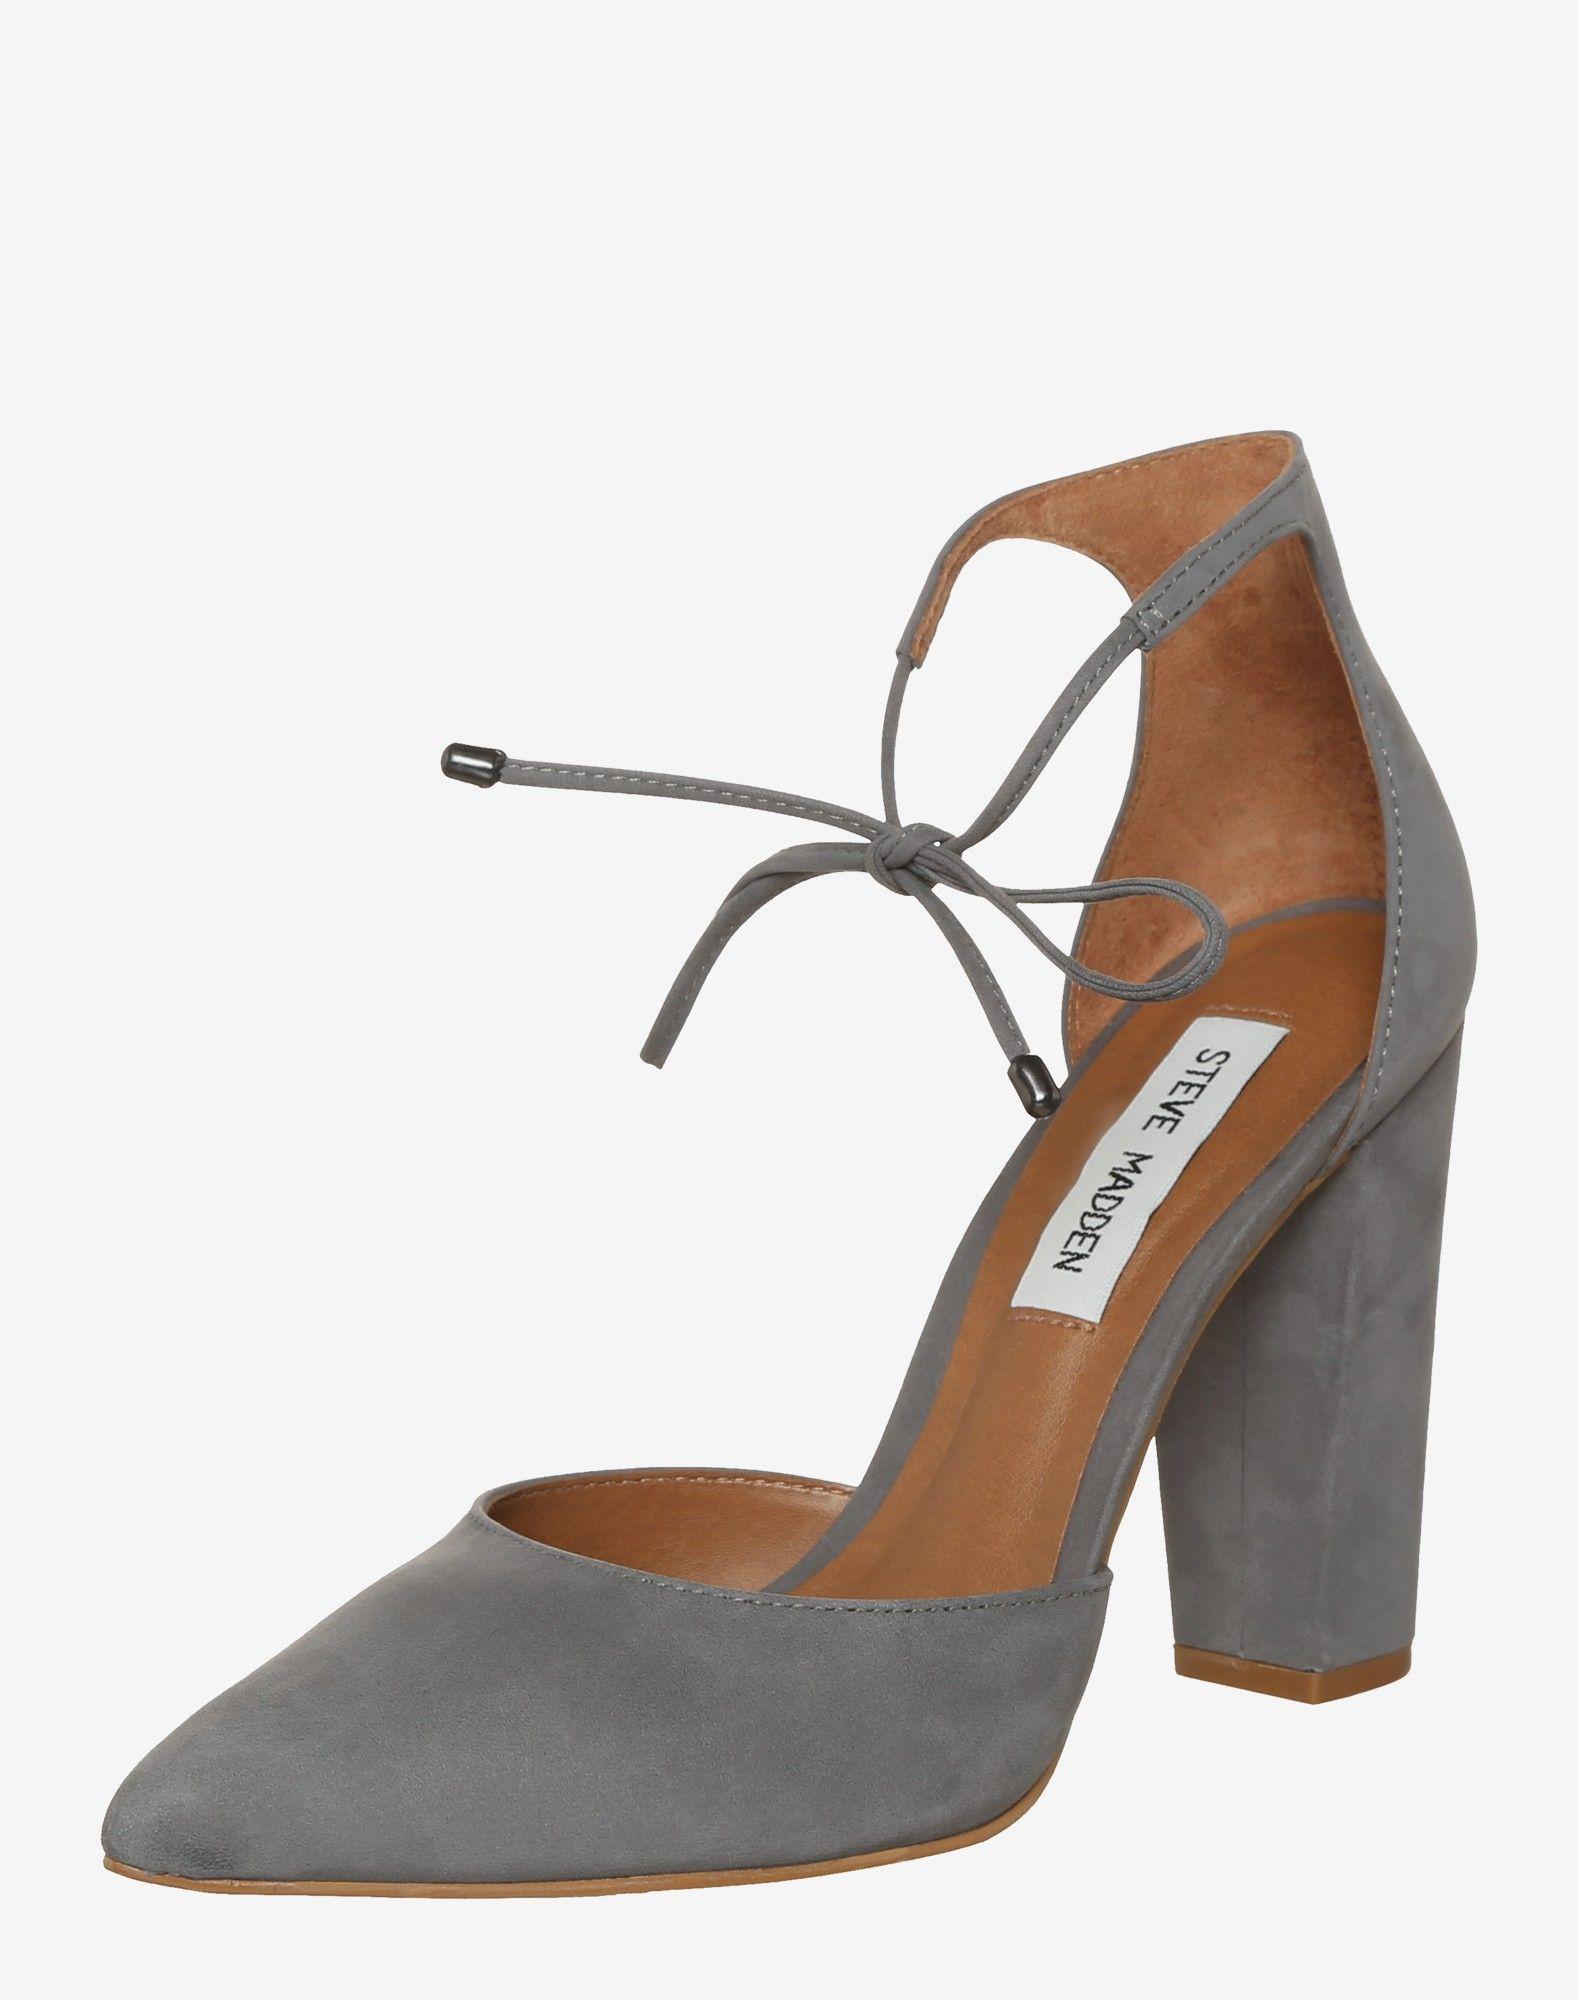 a87ccc03da72e8 High Heel Pumps  Pampered  - Grau Handtaschen Damen